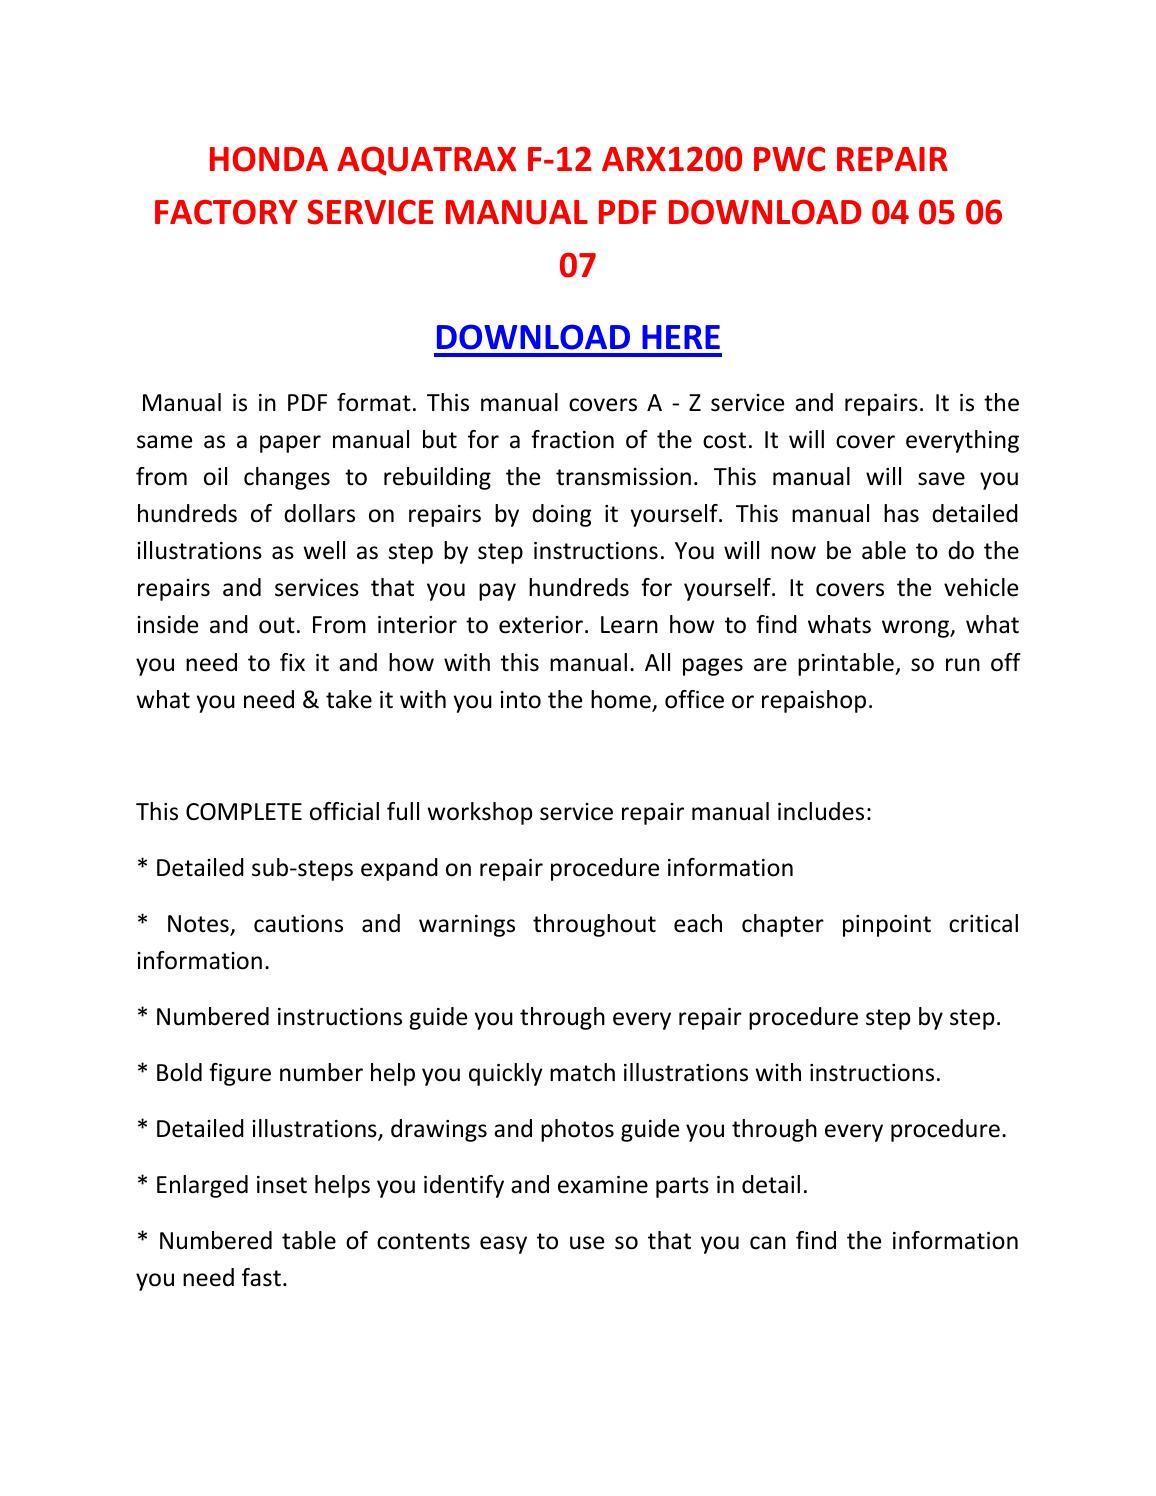 honda aquatrax f 12 arx1200 pwc repair factory service 2004 Honda Aquatrax Parts 2004 Honda Aquatrax F 12